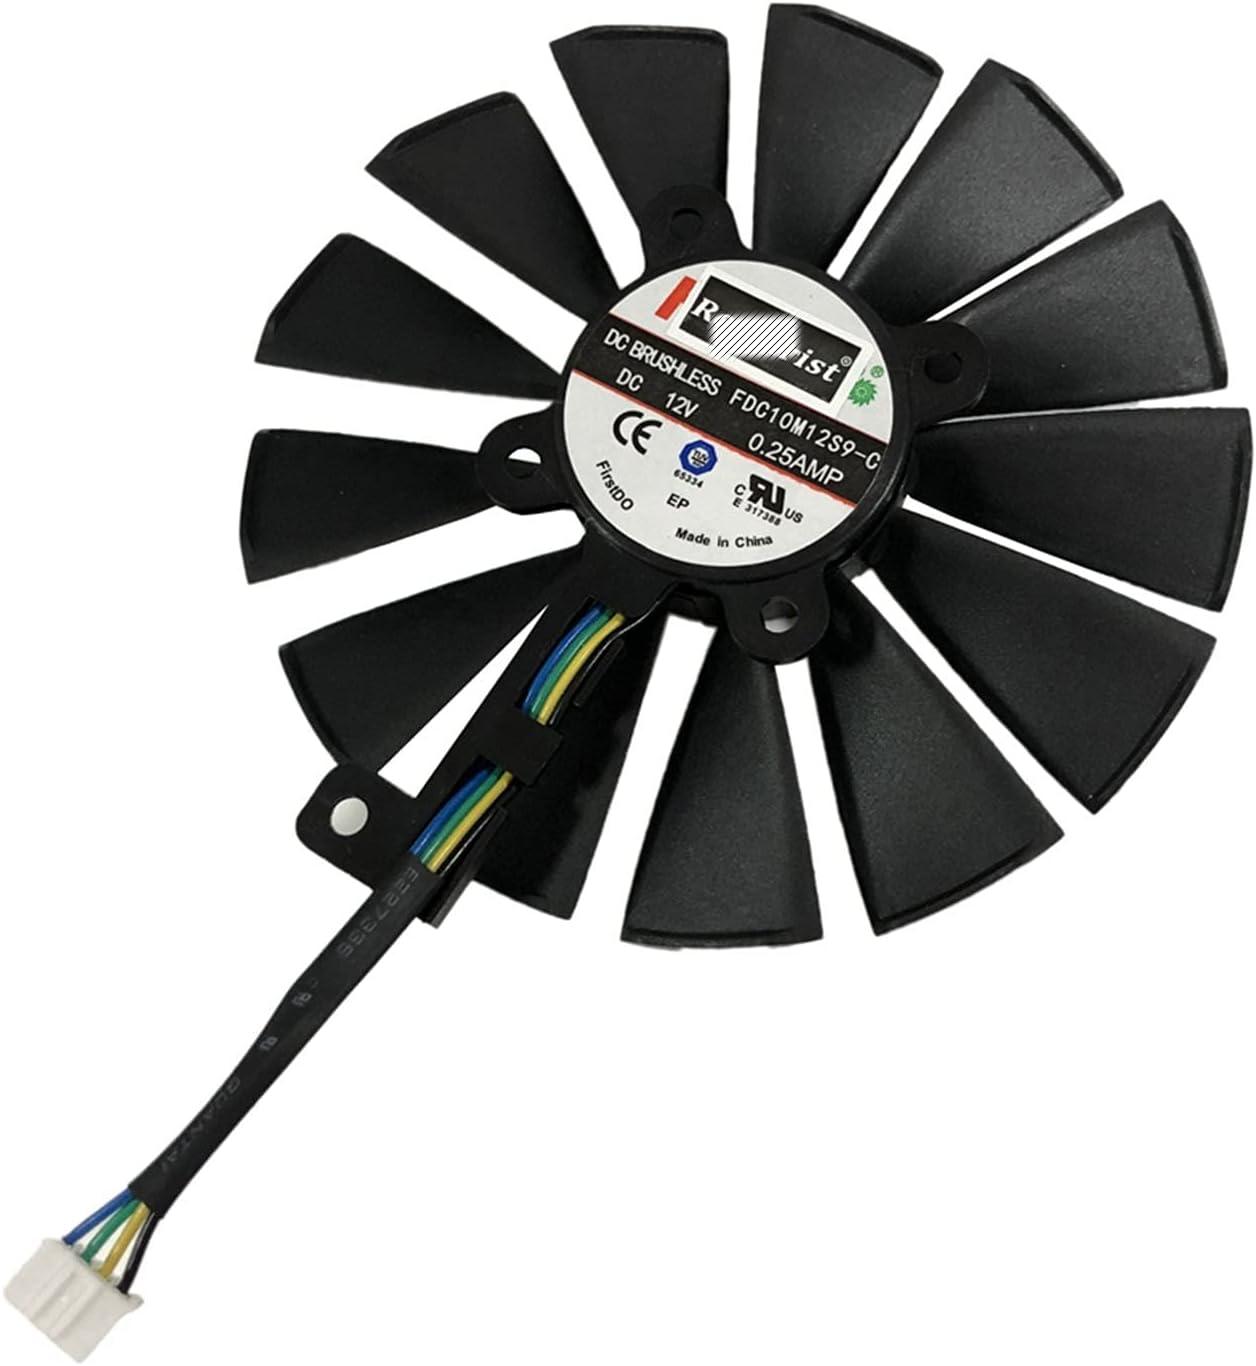 95mm 4pin 13 Blades FDC10M12S9-C Ventilador de refrigeración para ASUS ROG Strix Dual RX 580 570 470 GTX1080TI Tarjetas de refrigeración Gráficos